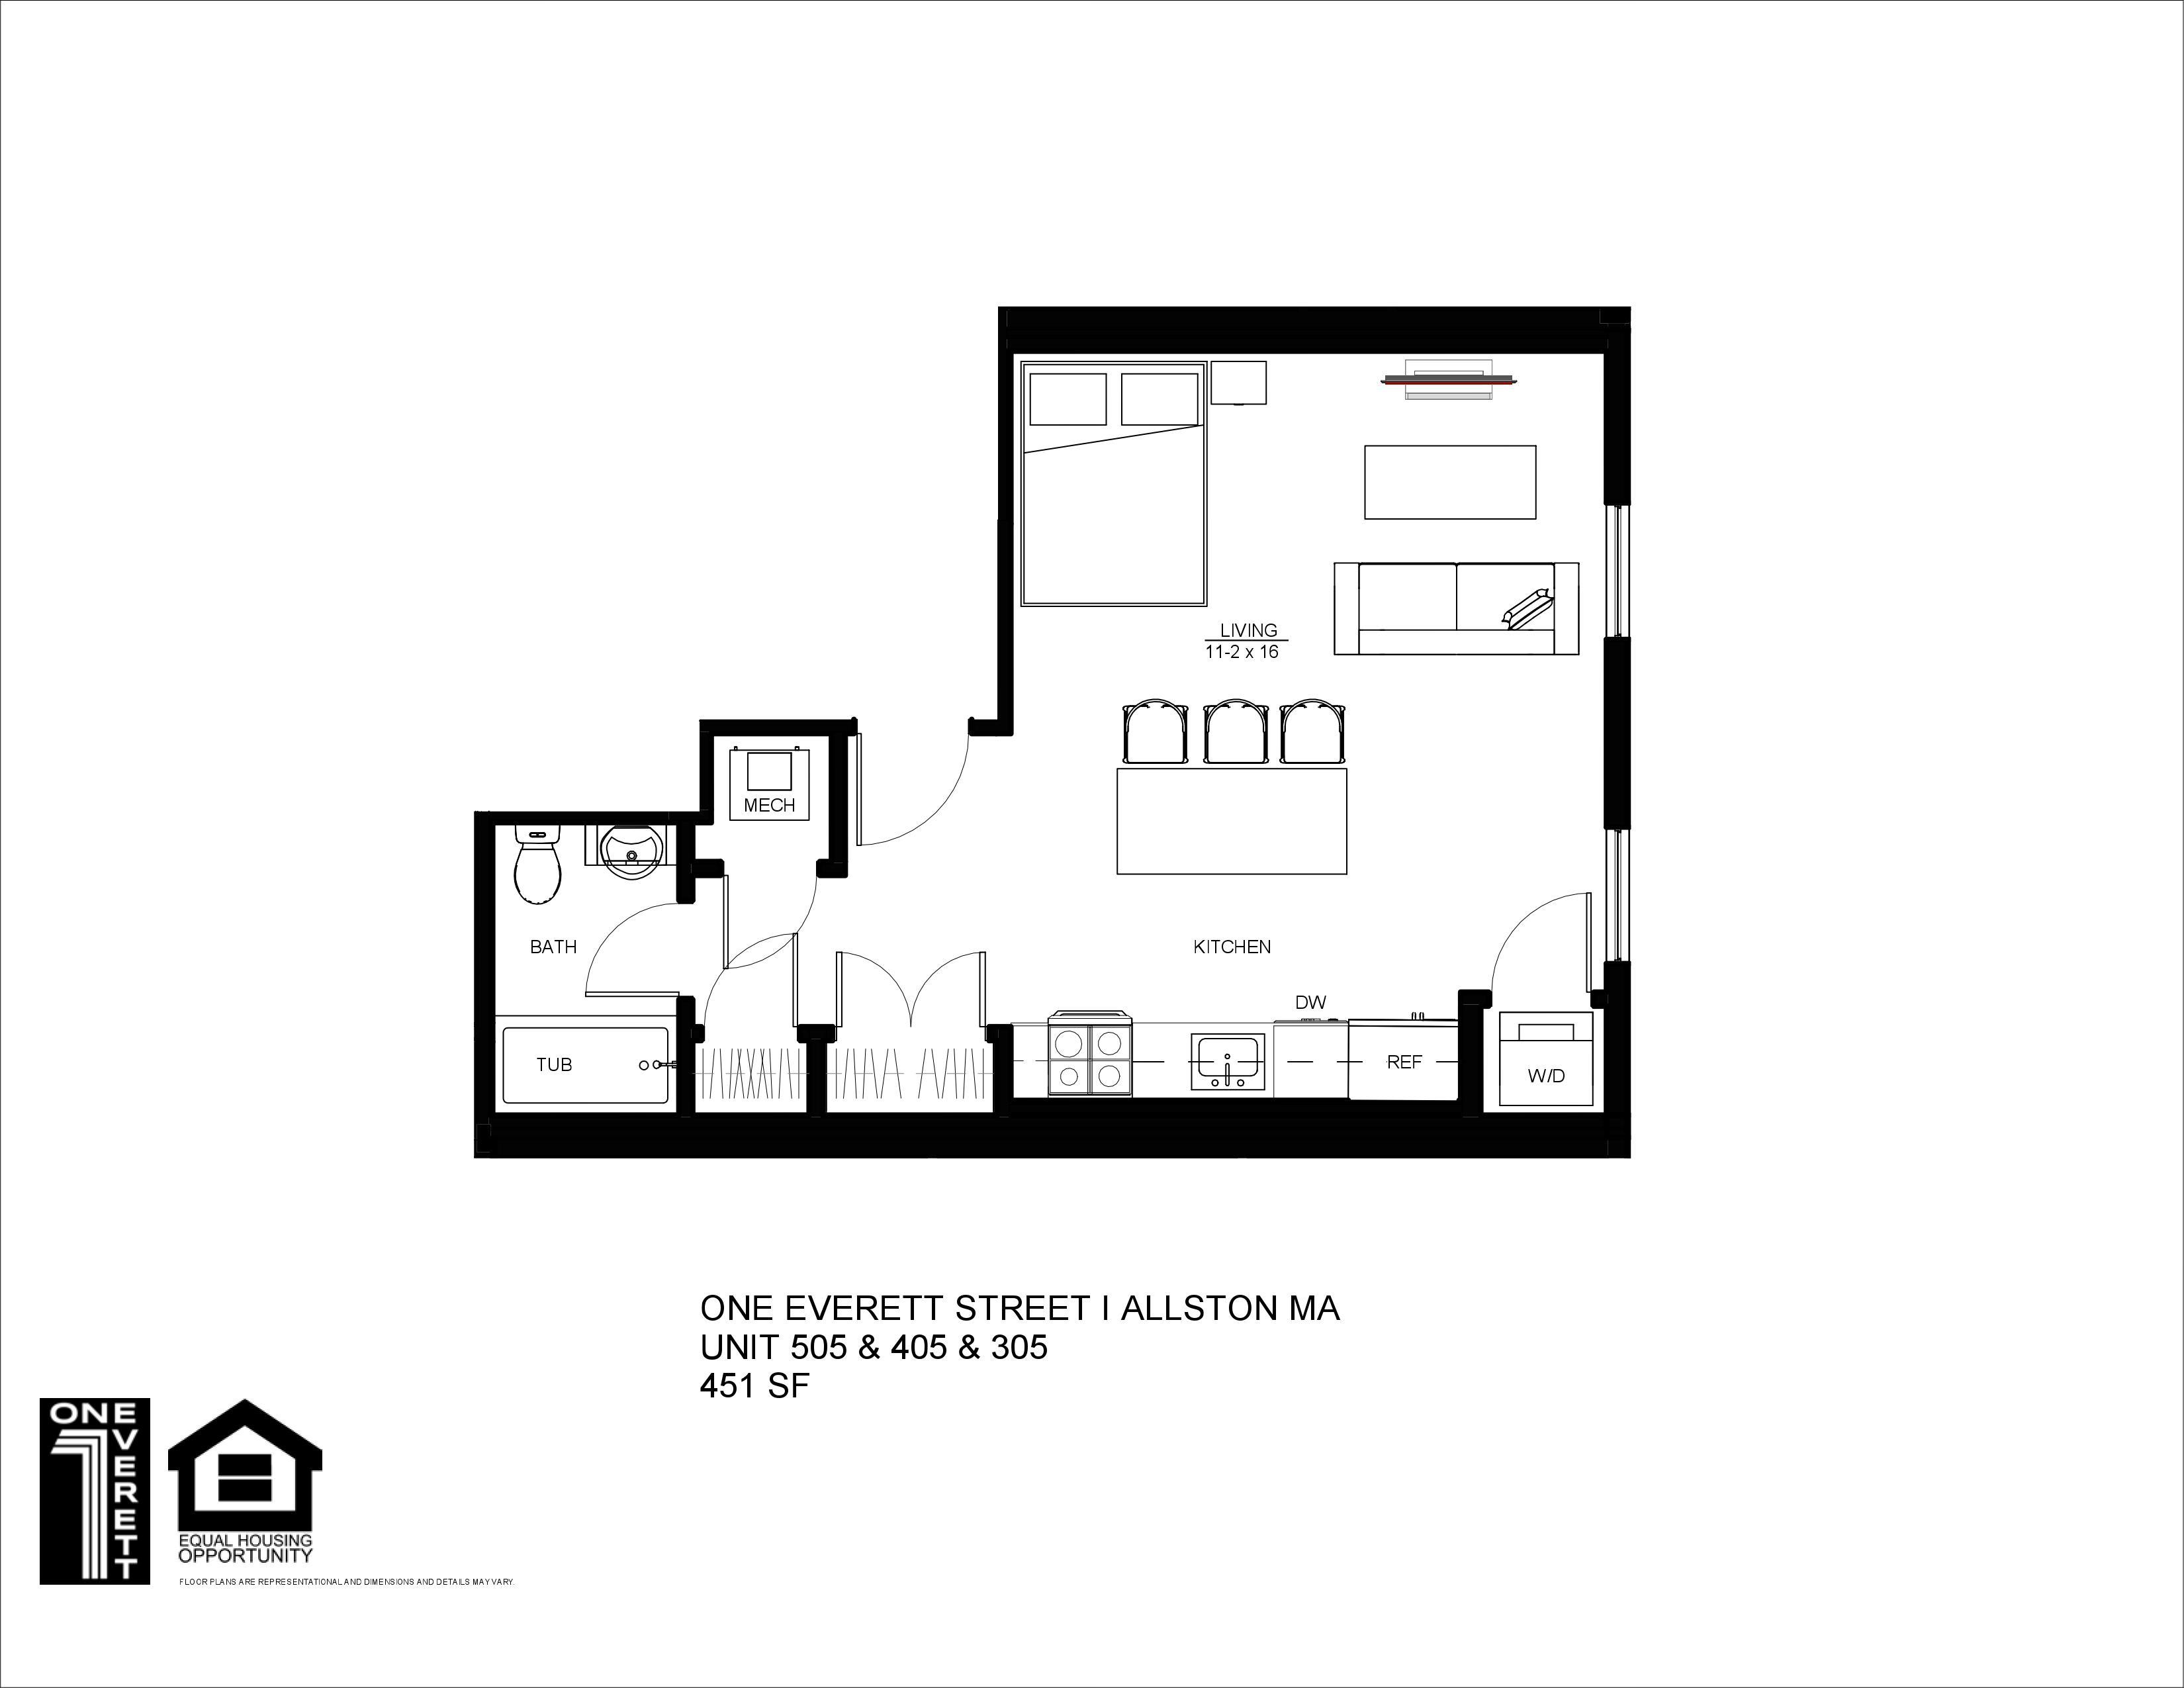 One Everett Studio